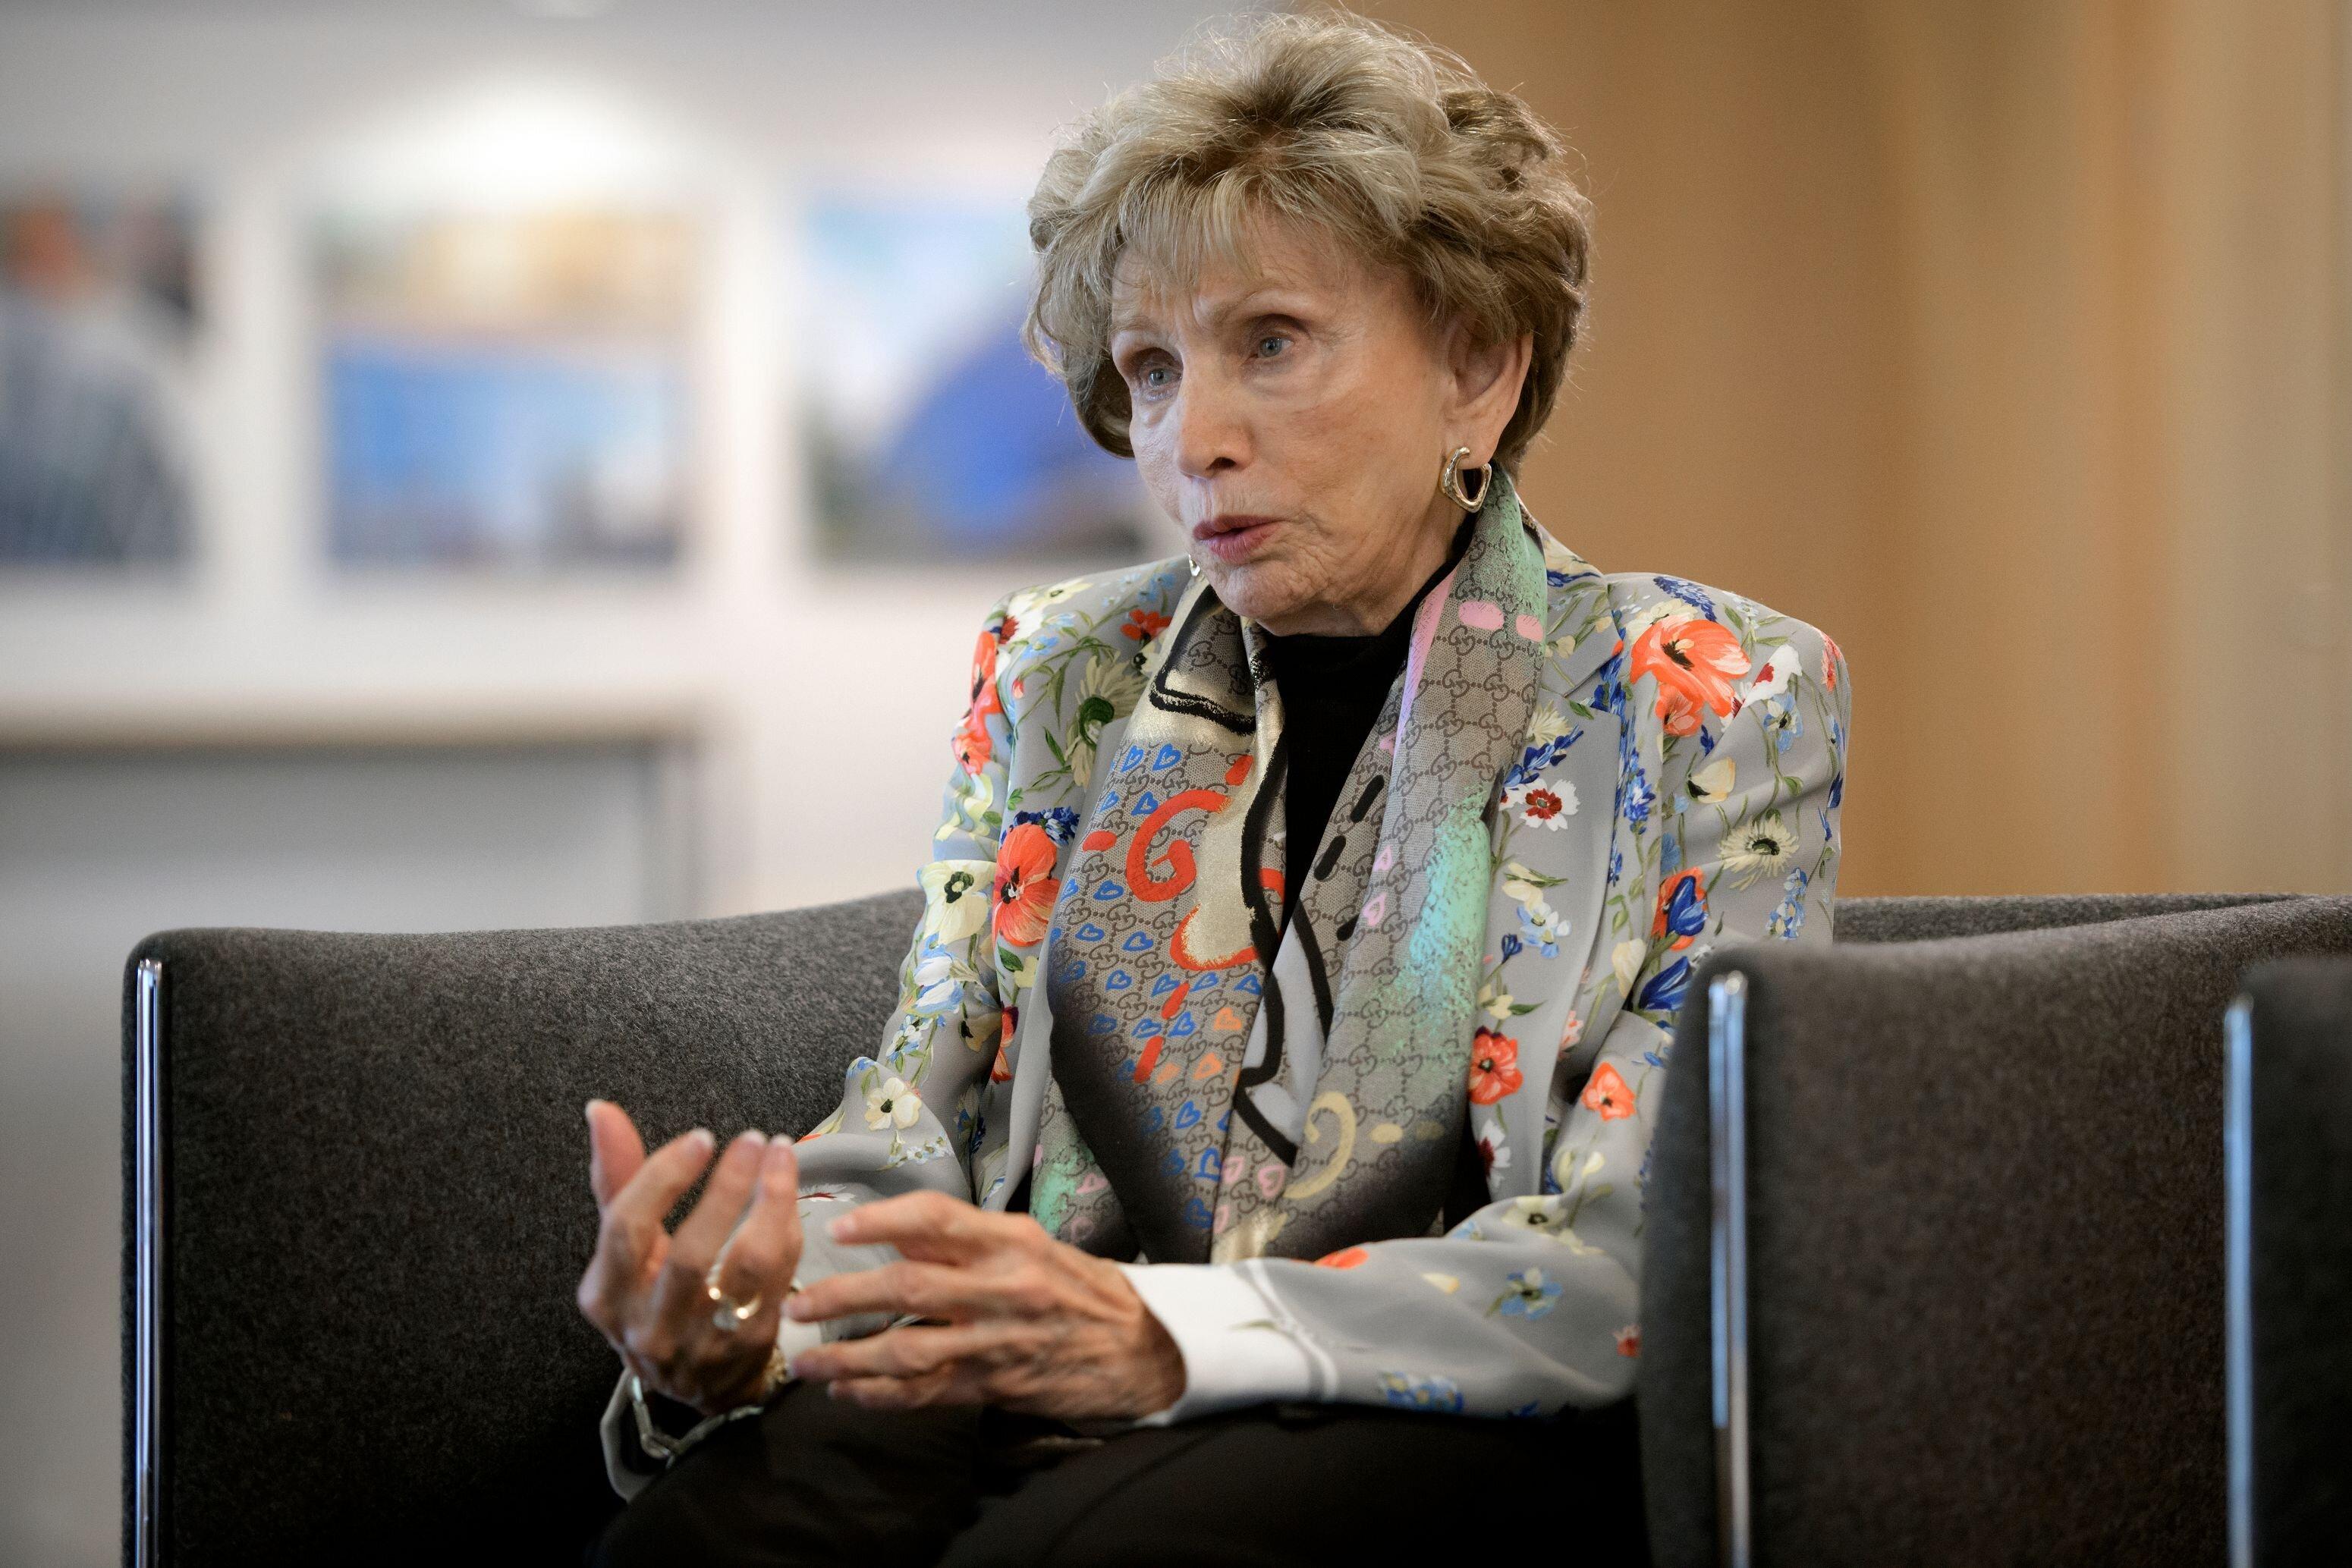 Une survivante de l'Holocauste plaint les antisémites qui «gâchent leur vie» à